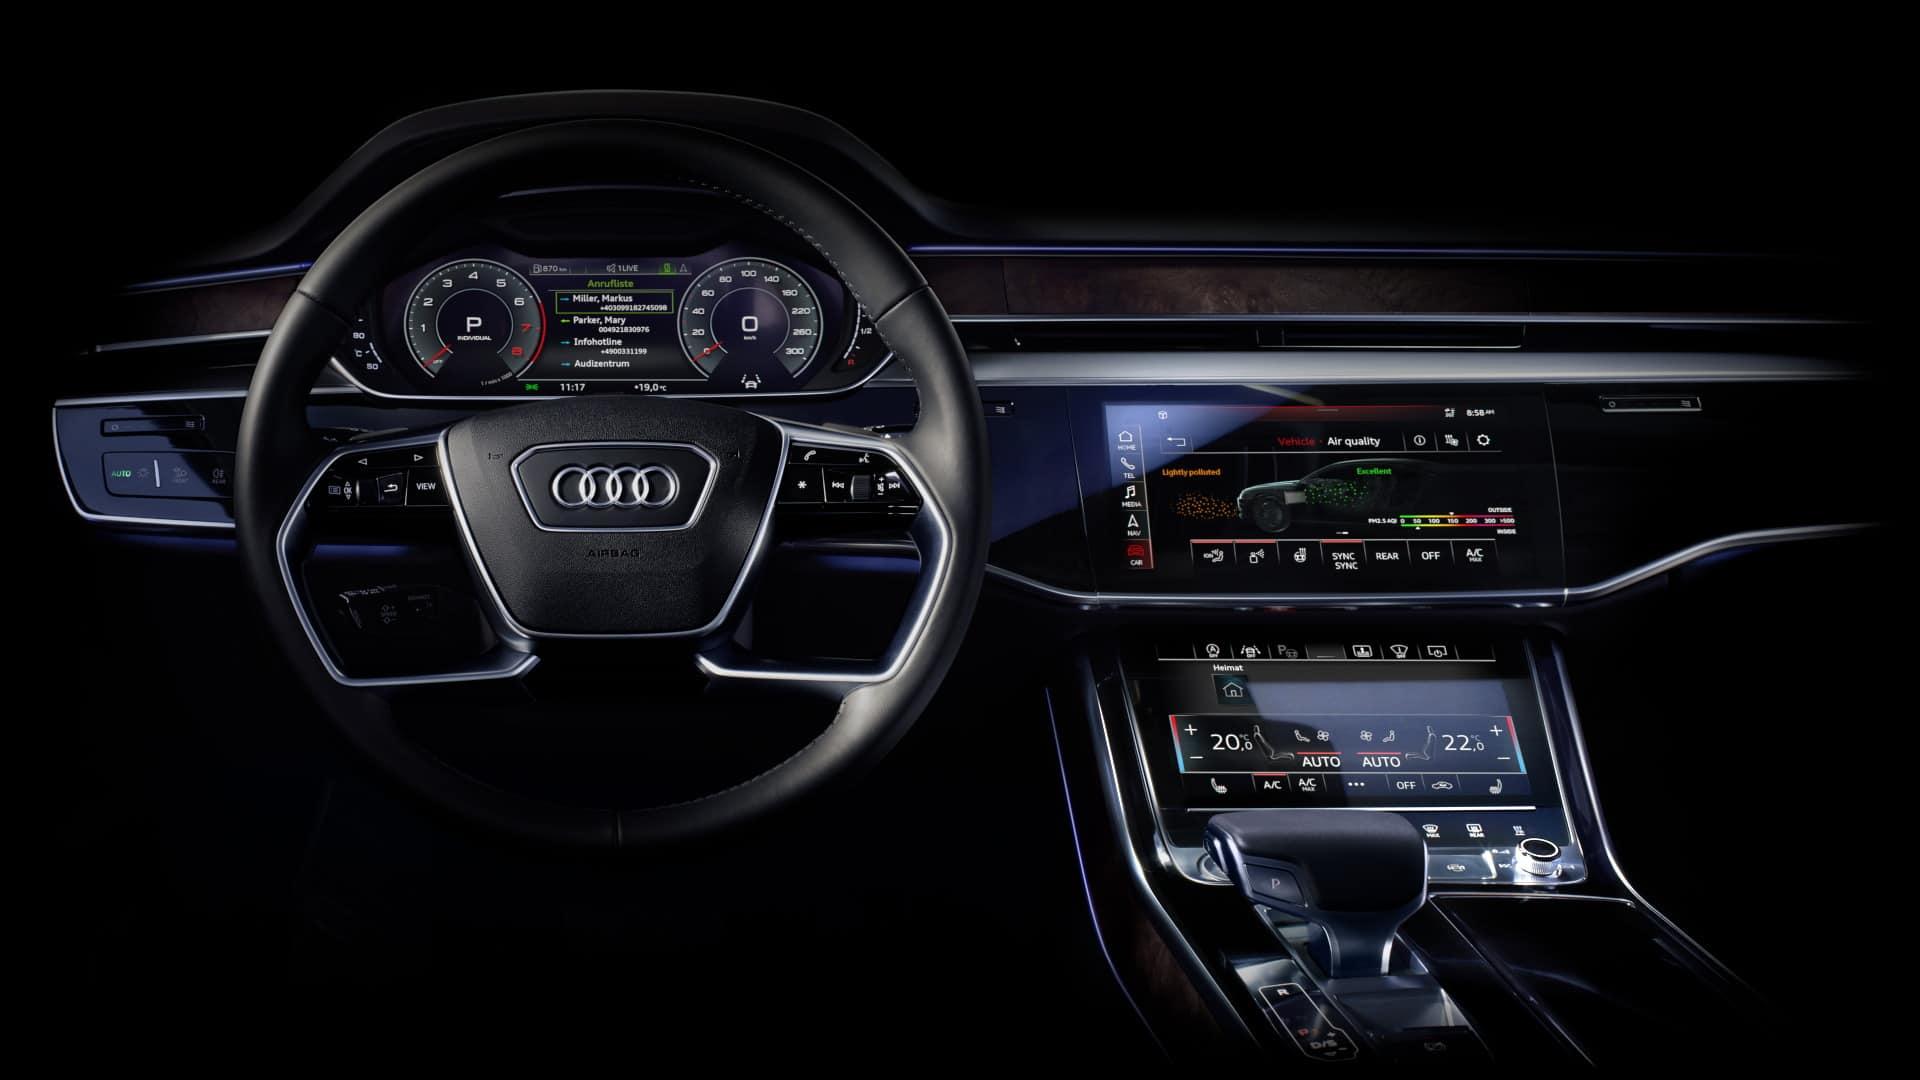 Nowe A8 Gt A8 Gt Audi Polska Przewaga Dzięki Technice